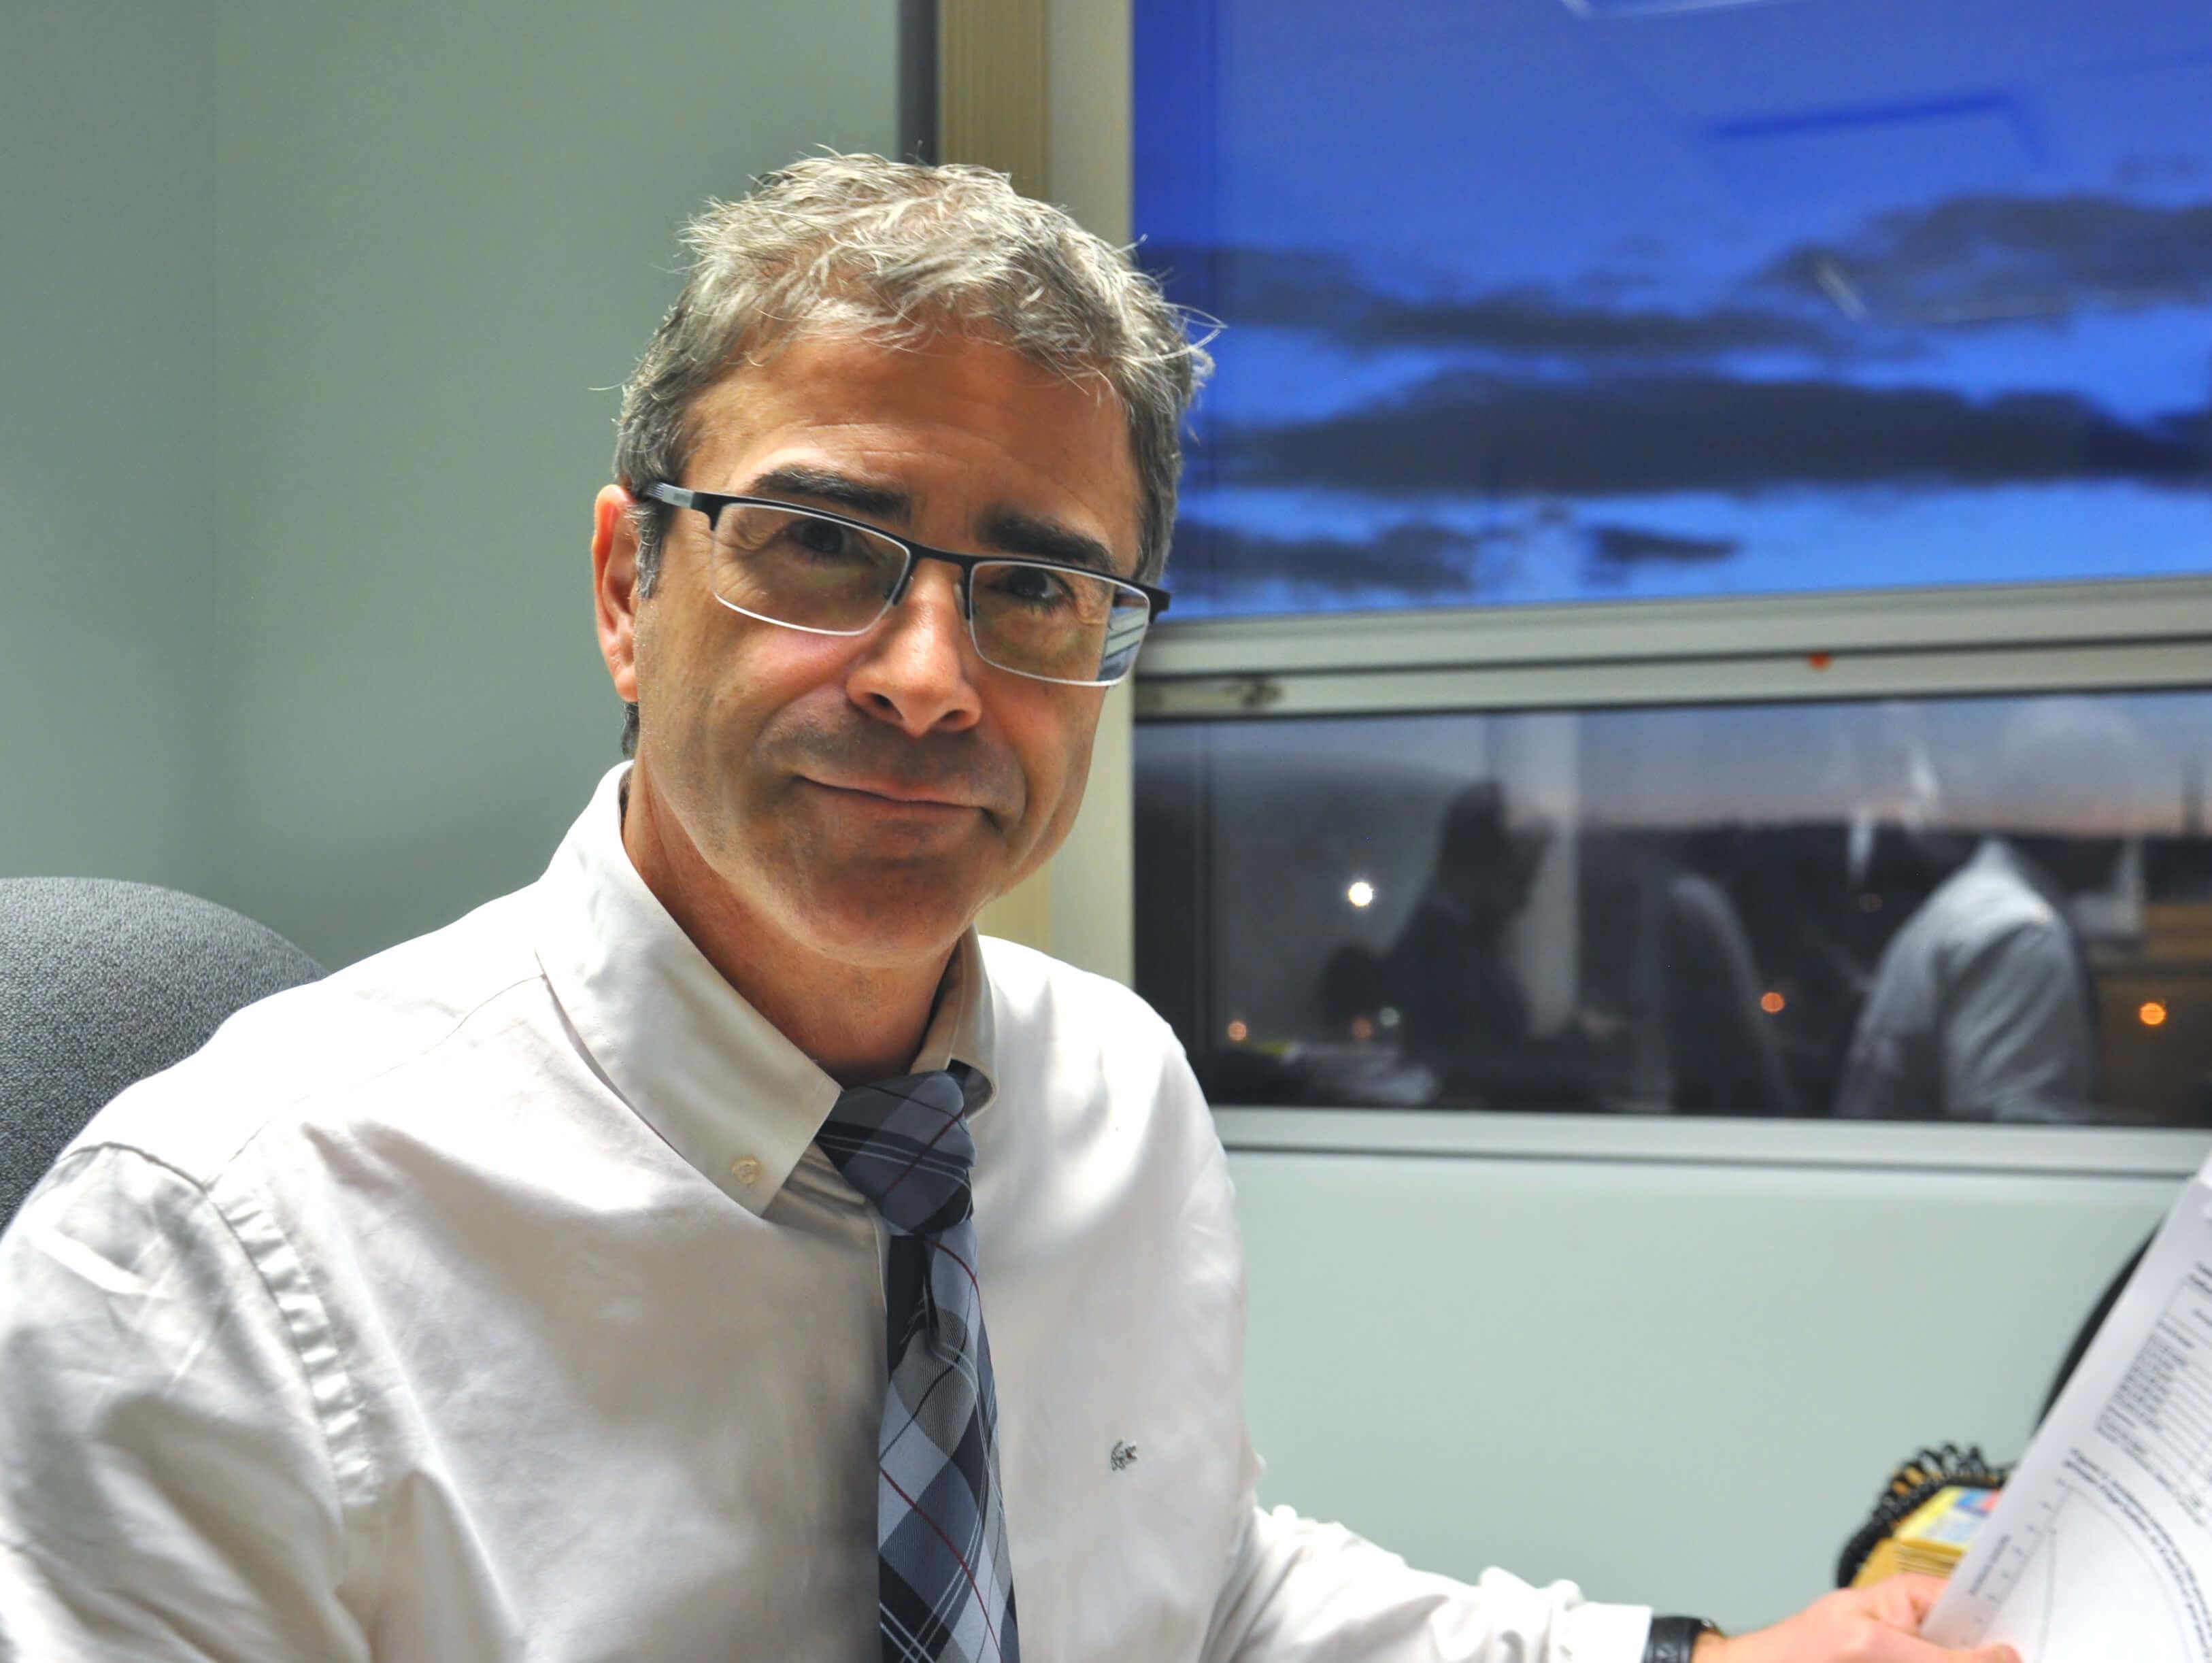 Sylvain Leduc